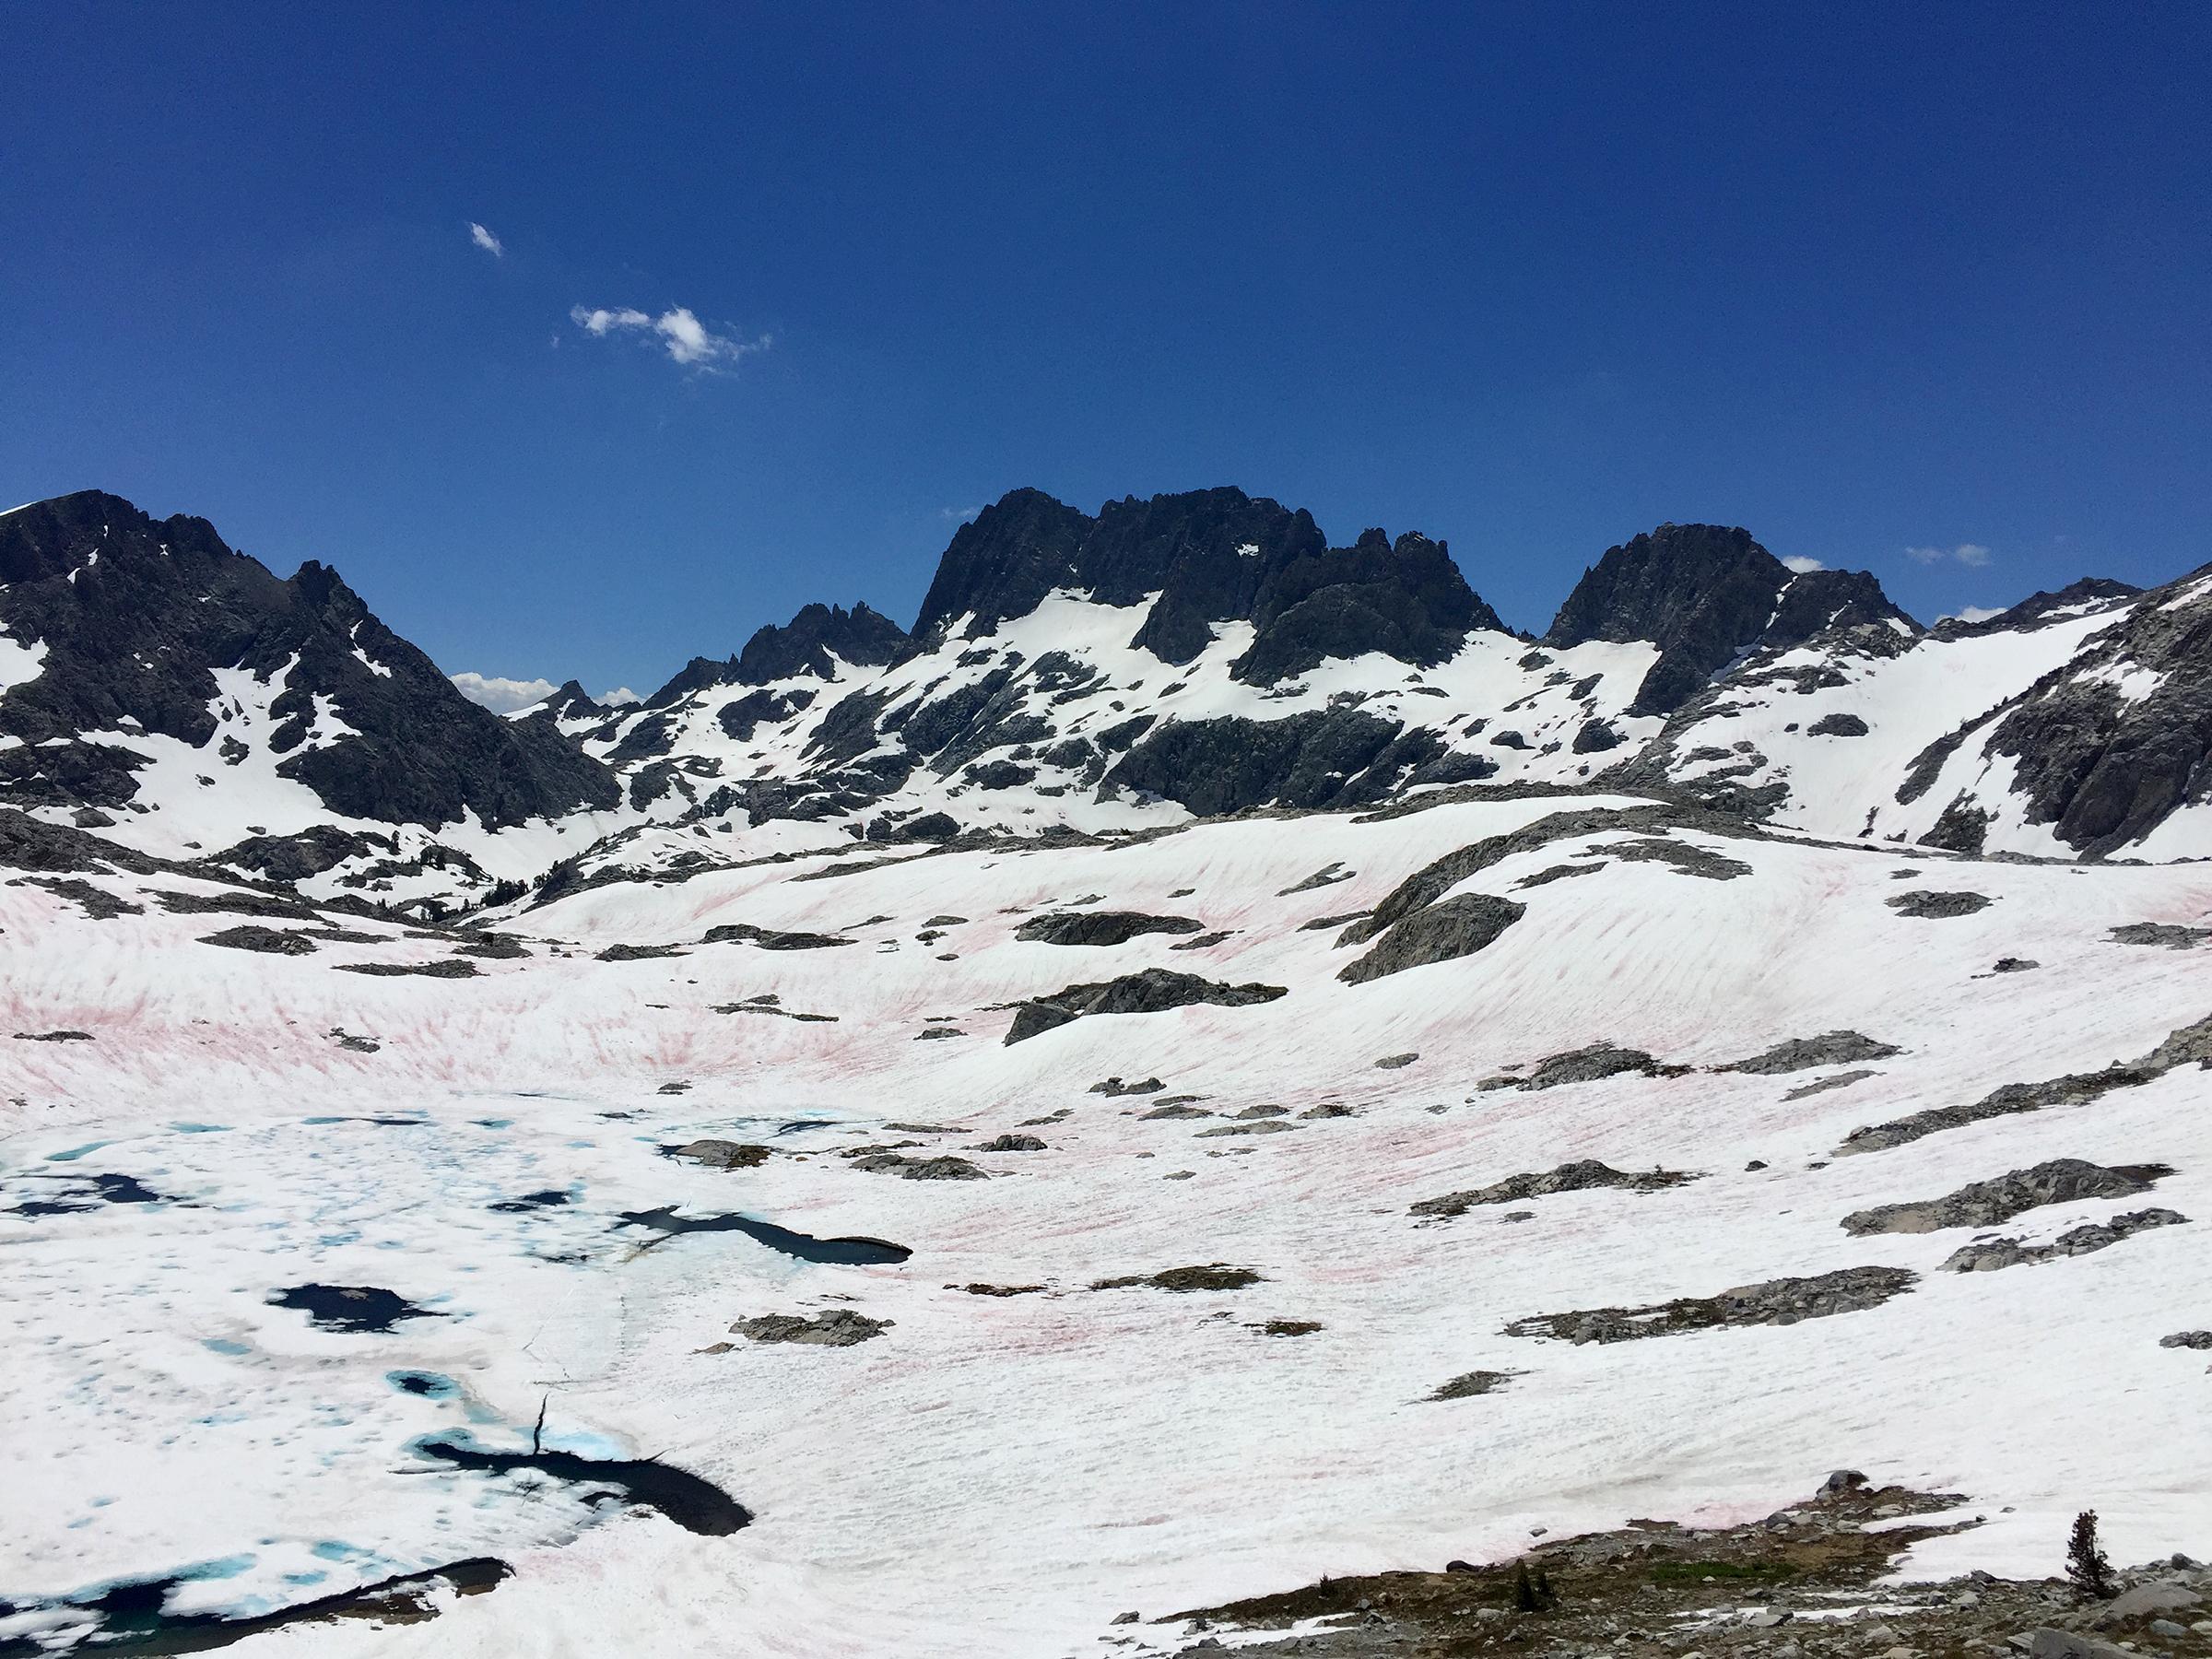 trailname-backstroke-garnet lake in snow-_0309.jpg